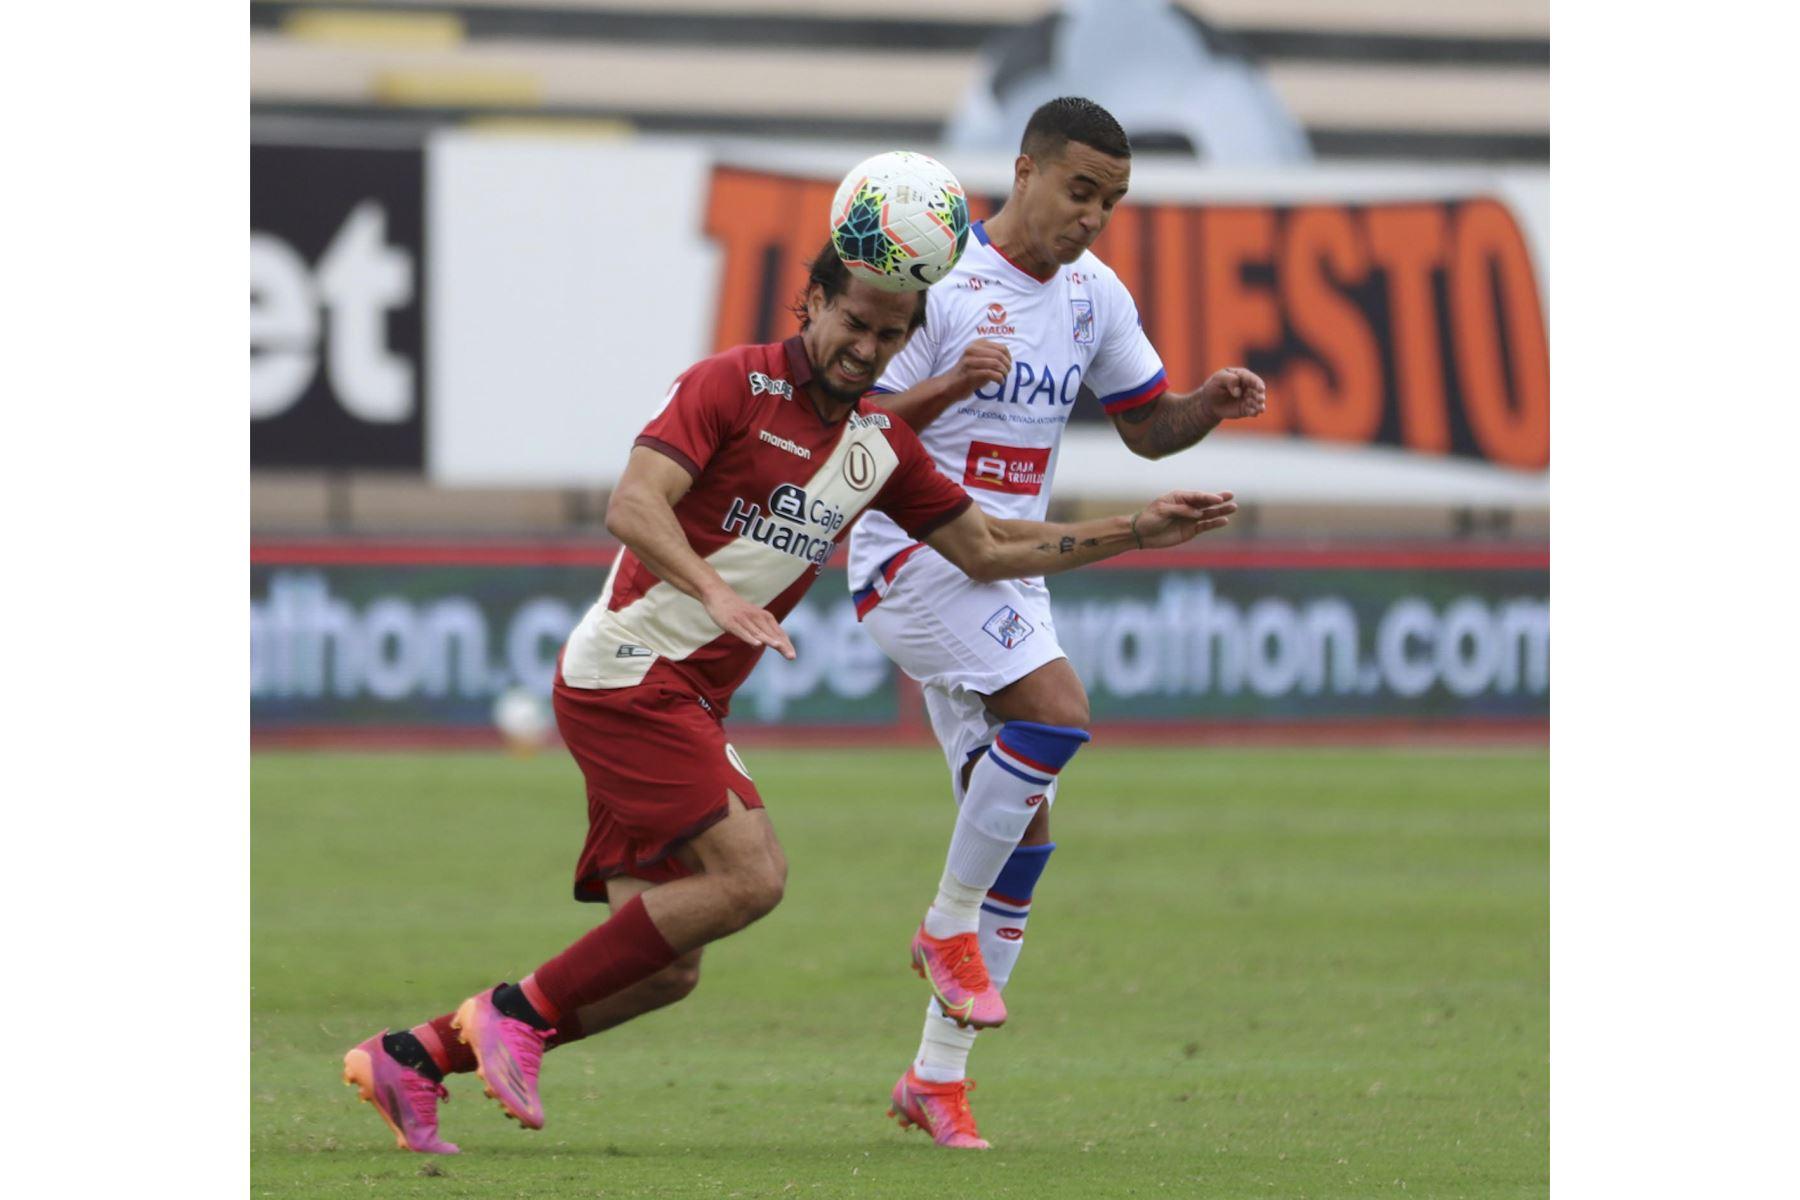 Universitario choca ante Carlos Manucci en partido por la tercera fecha de la Liga 1, en el Estadio Miguel Grau. Foto: Liga 1